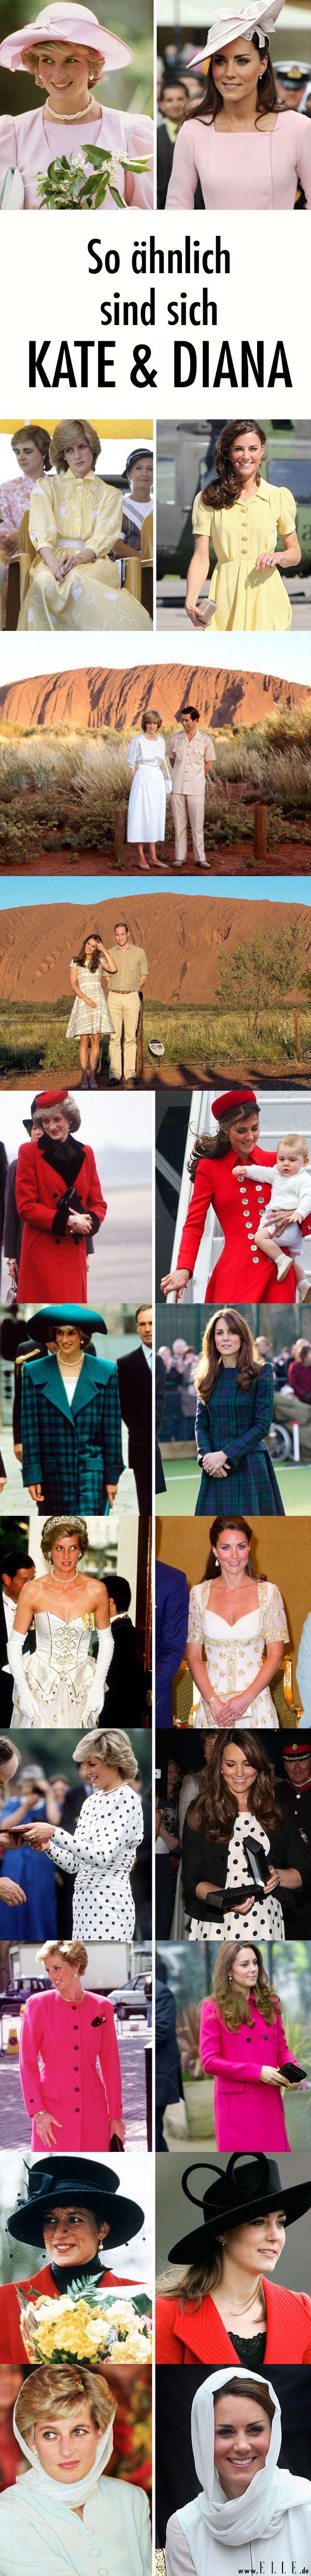 Herzogin Kate gab nicht nur ihrer Tochter Dianas Namen, sondern kleidet sich auch oft wie die verstorbene Prinzessin. Wir zeigen die Parallelen zwischen den Outfits der beiden Royals.